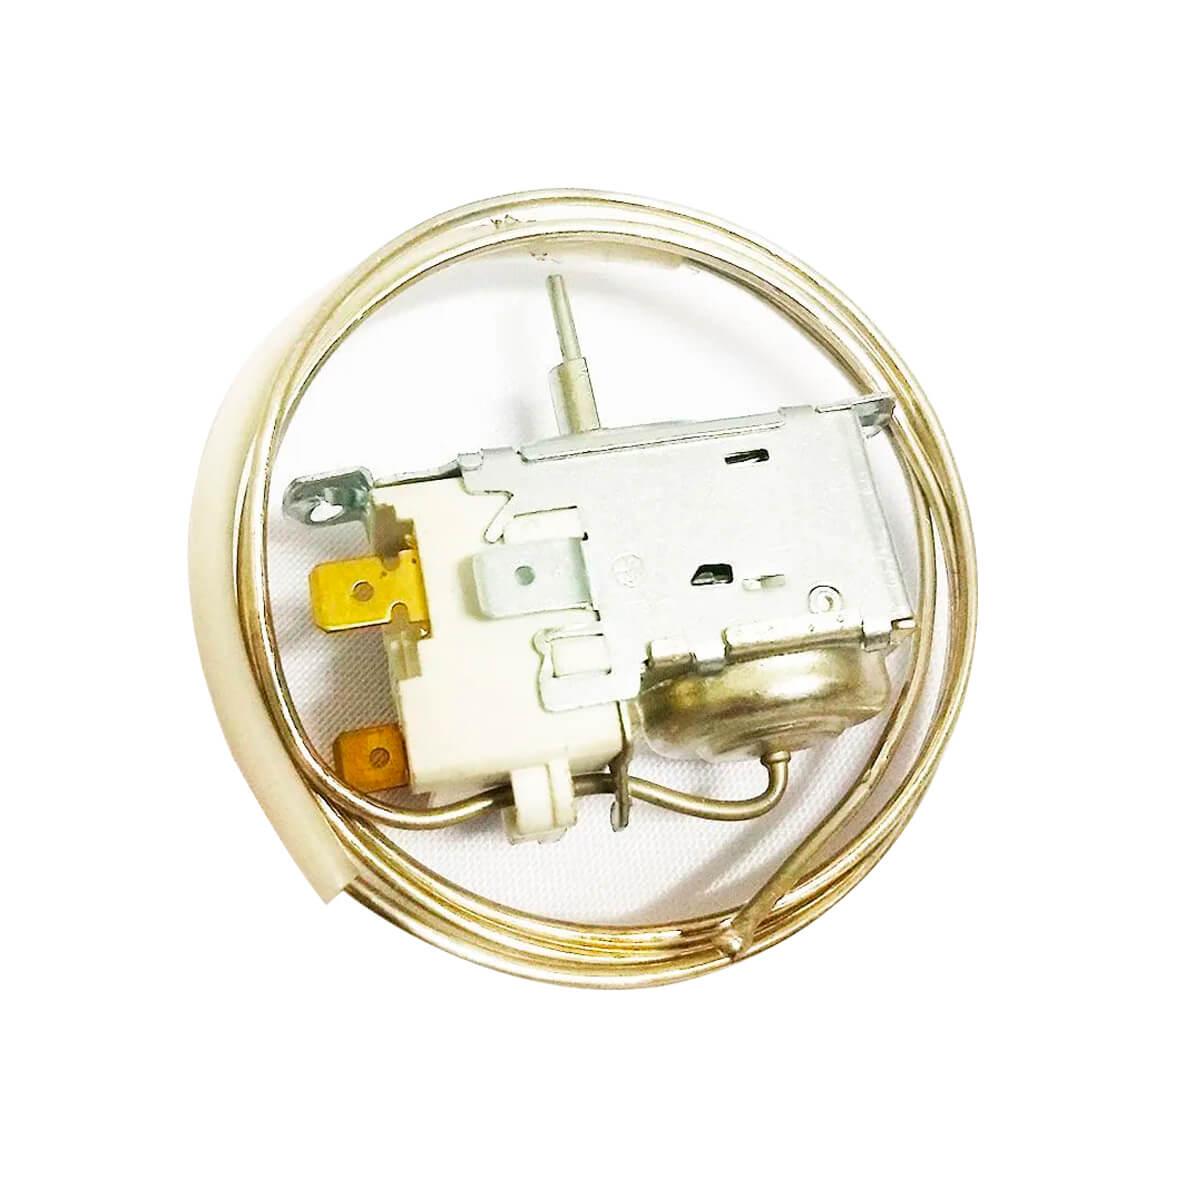 Termostato Geladeira Electrolux RE28 RE29 WRF305 FRD296BDW RDE30 RE28/FRF305 RD30G RDE31 RW34 WRF325 - 64778673